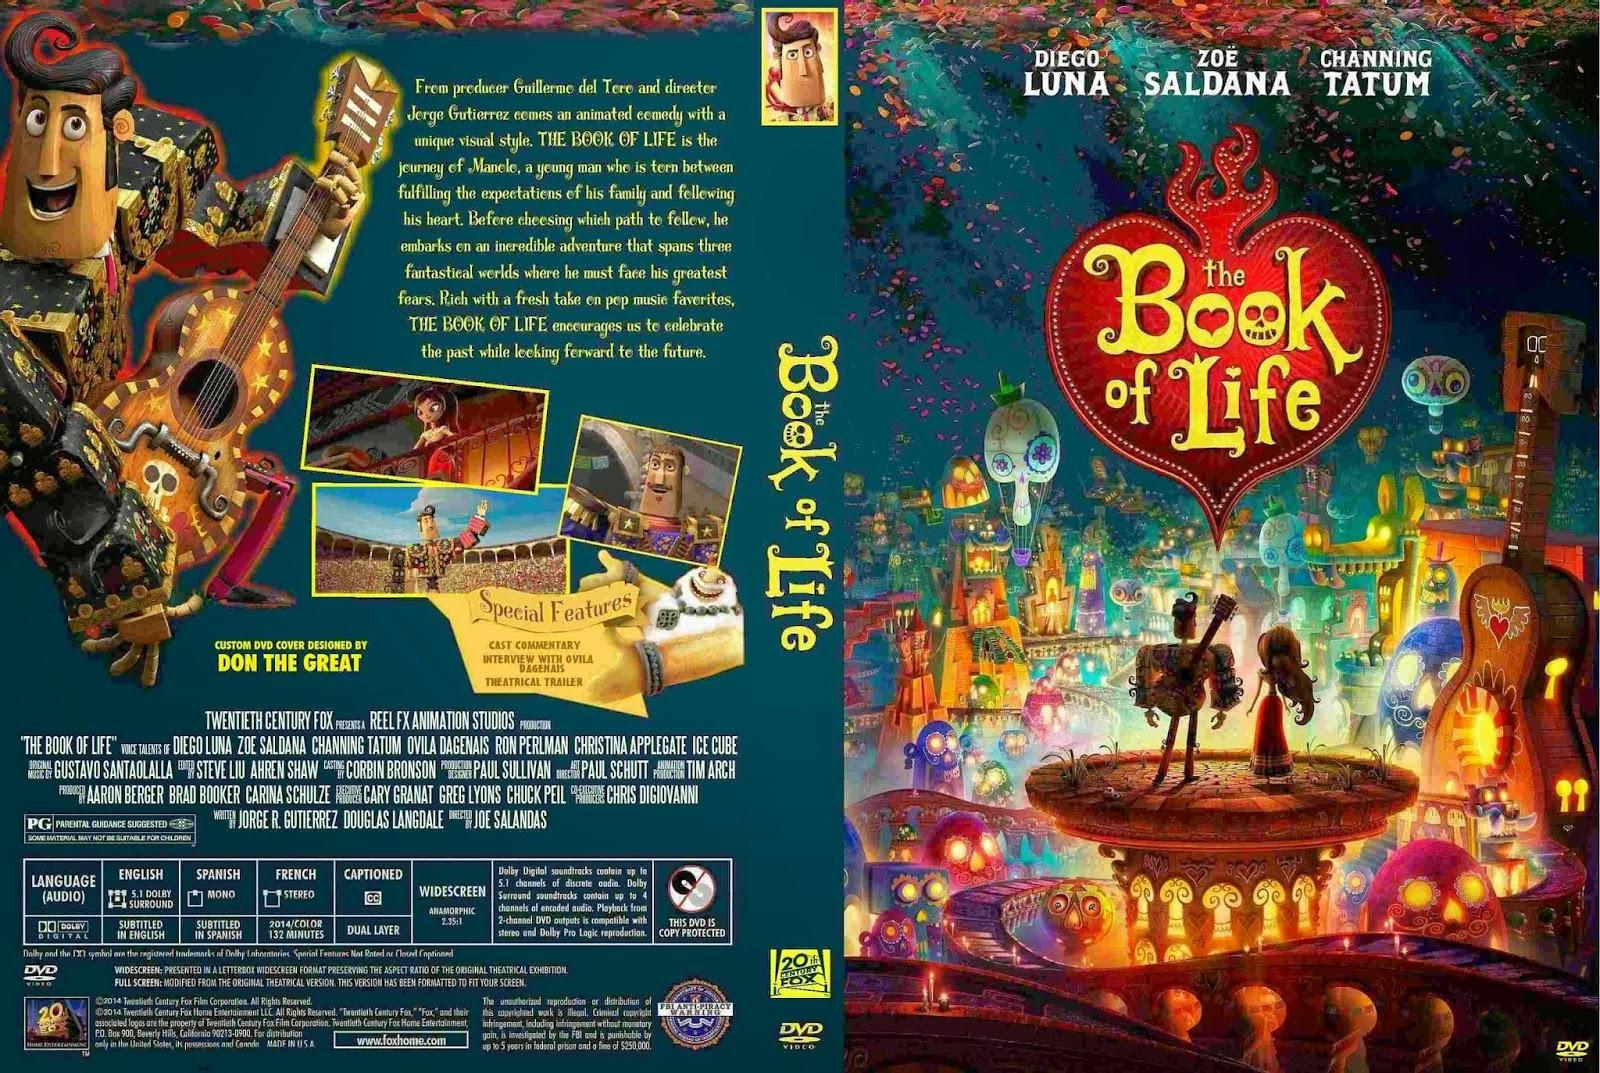 Book Cover Portadas Life ~ All cover free tudo capas grátis the book of life